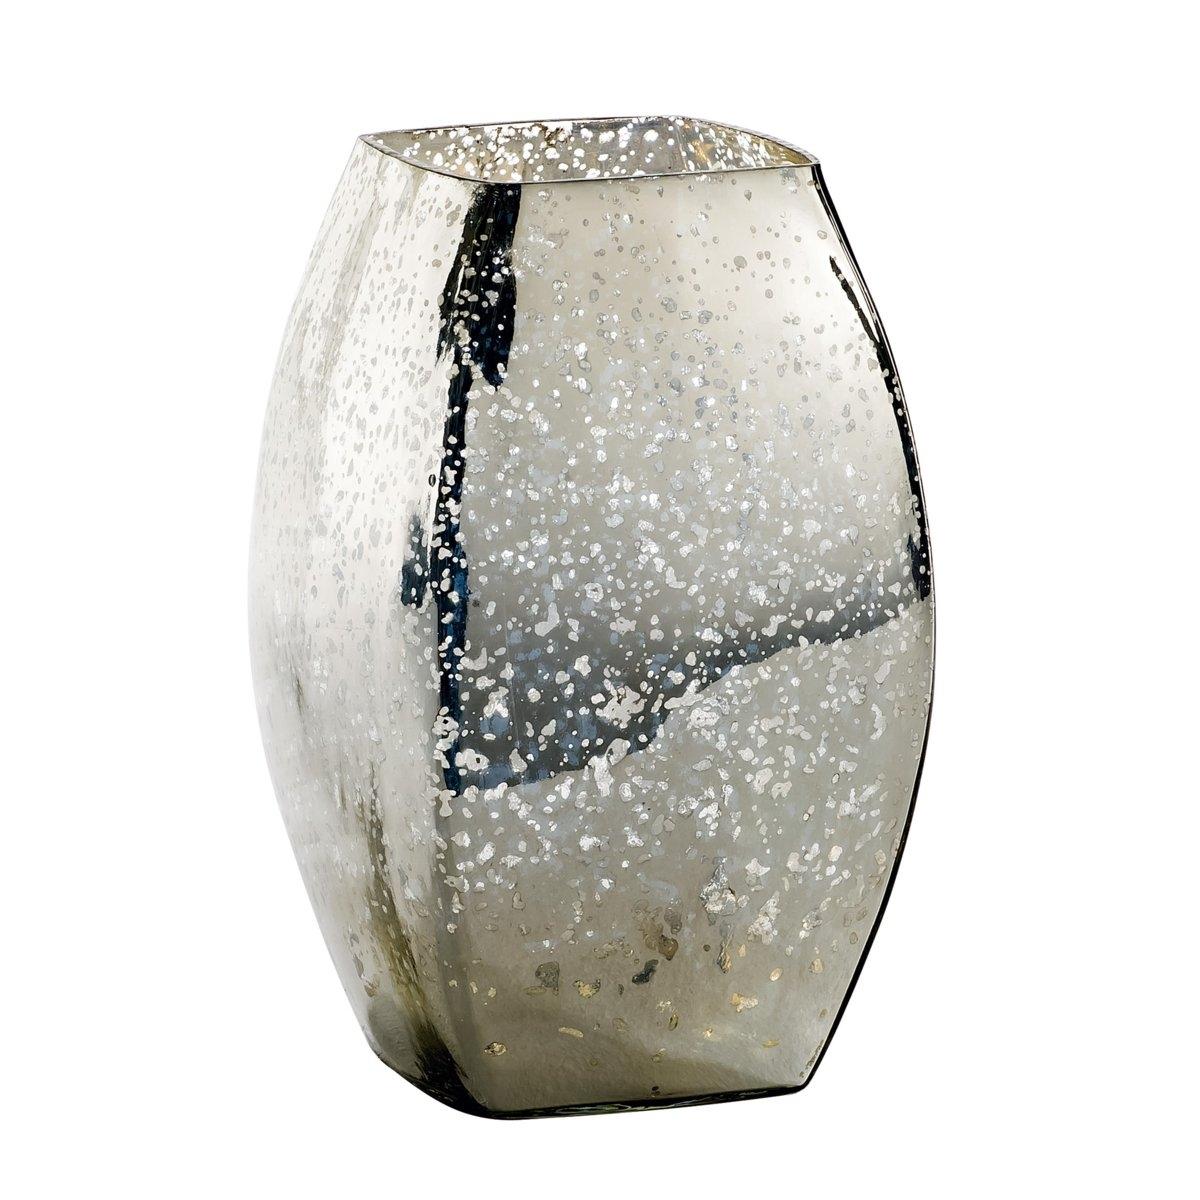 Ваза декоративная из стекла с напылением, EldaХарактеристики декоративной вазы из  стекла с напылением Elda    :Стекло с напылением.Найдите другие вазы и предметы декора. на сайте laredoute.ruРазмеры декоративной вазы с напылением Elda :Диаметр: 15 смВысота : 25 см.<br><br>Цвет: серый серебристый<br>Размер: единый размер